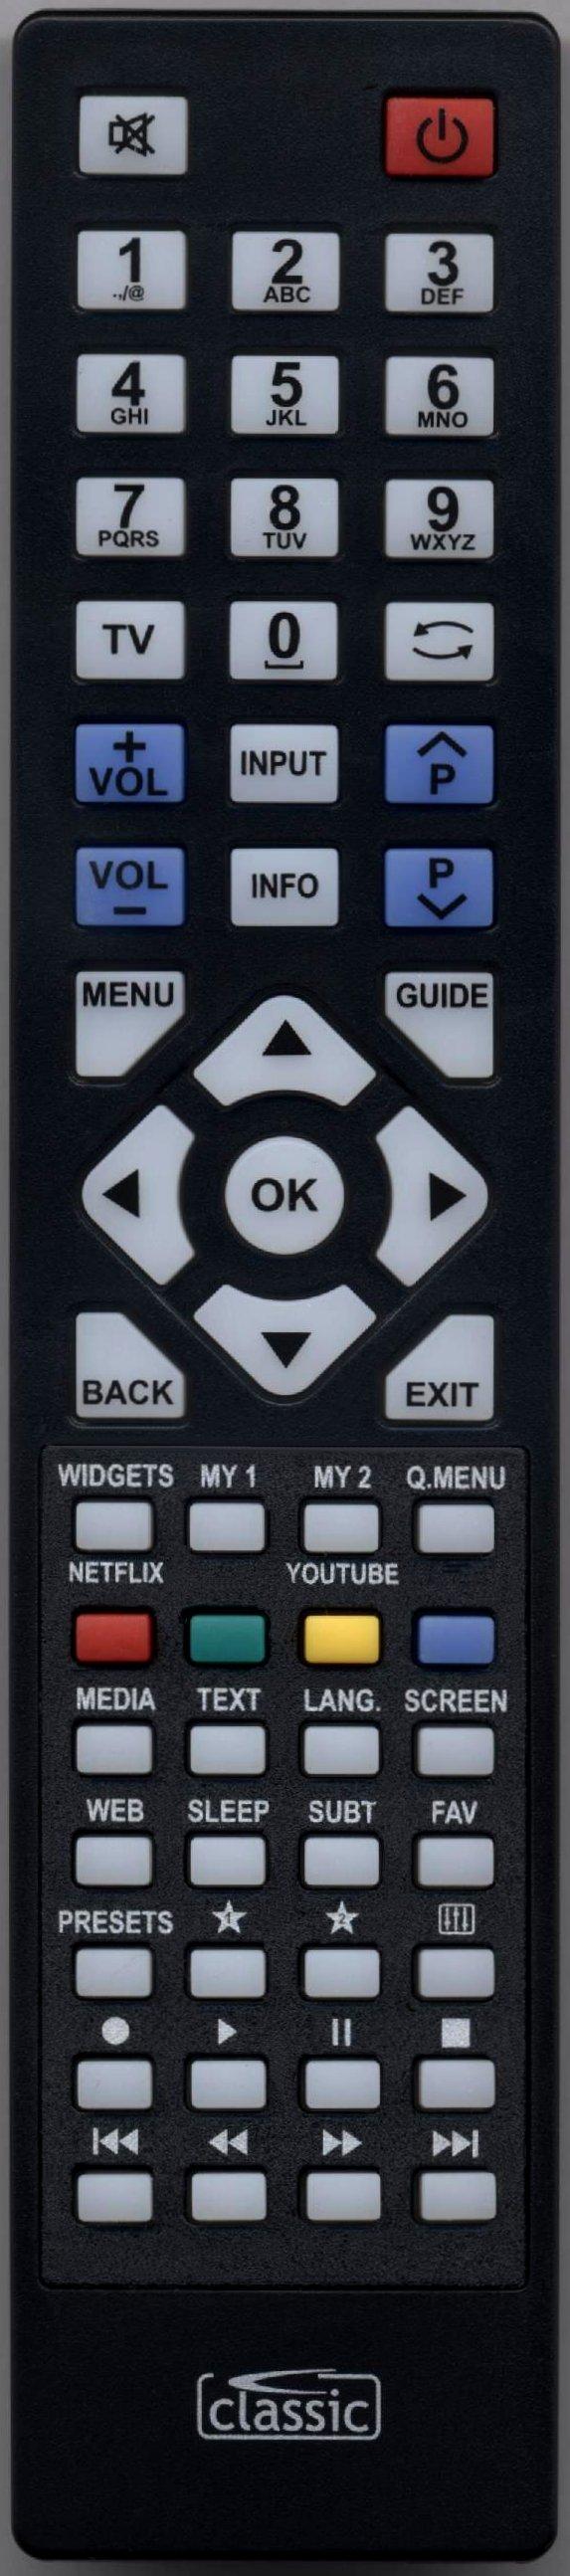 POLAROID P24D300 Remote Control